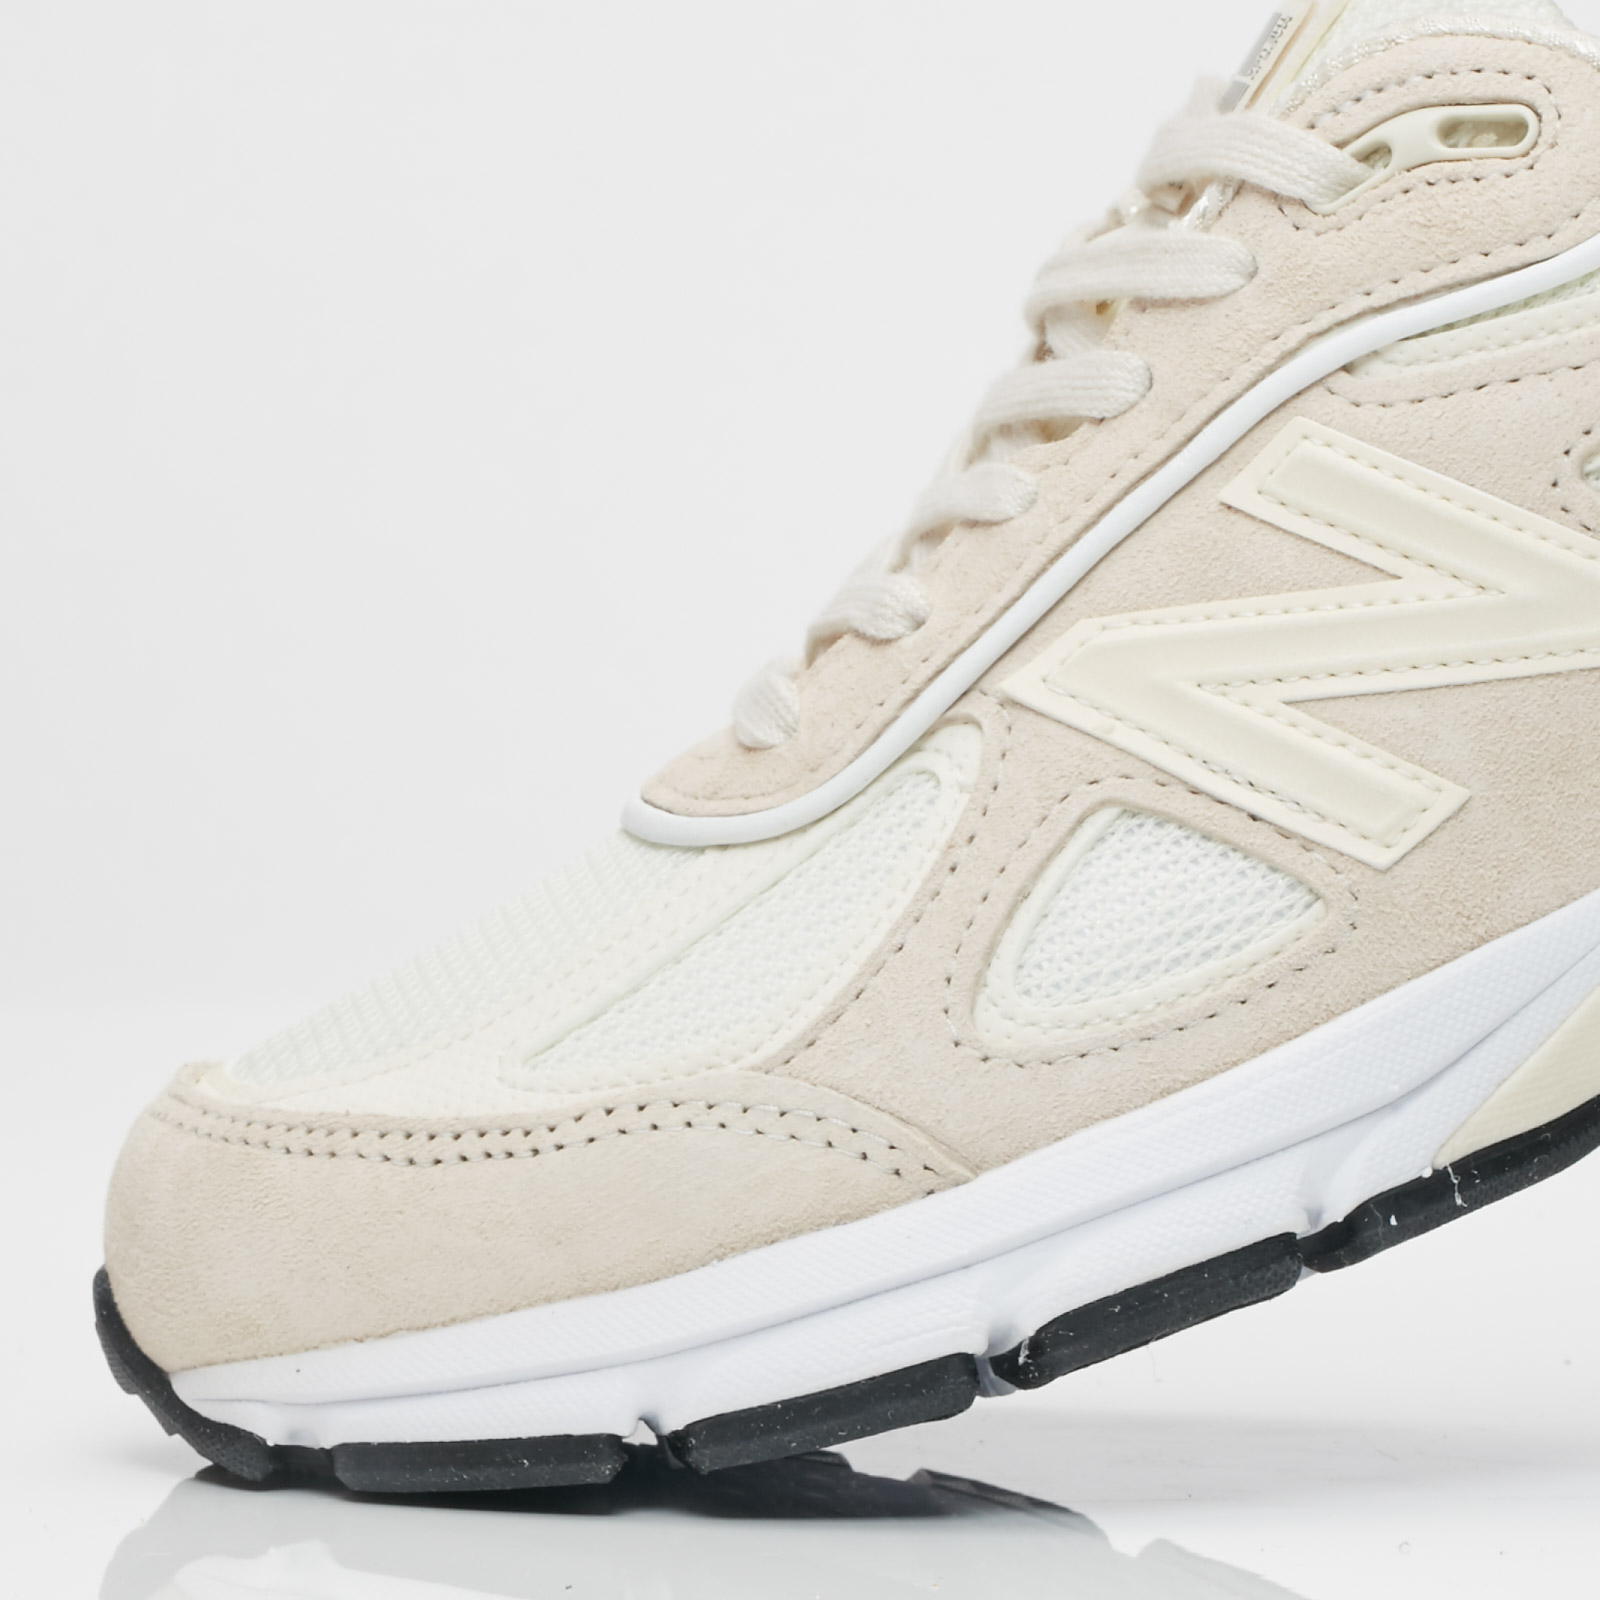 premium selection 175a3 de206 New Balance M990 Stussy - M990sc4 - Sneakersnstuff ...